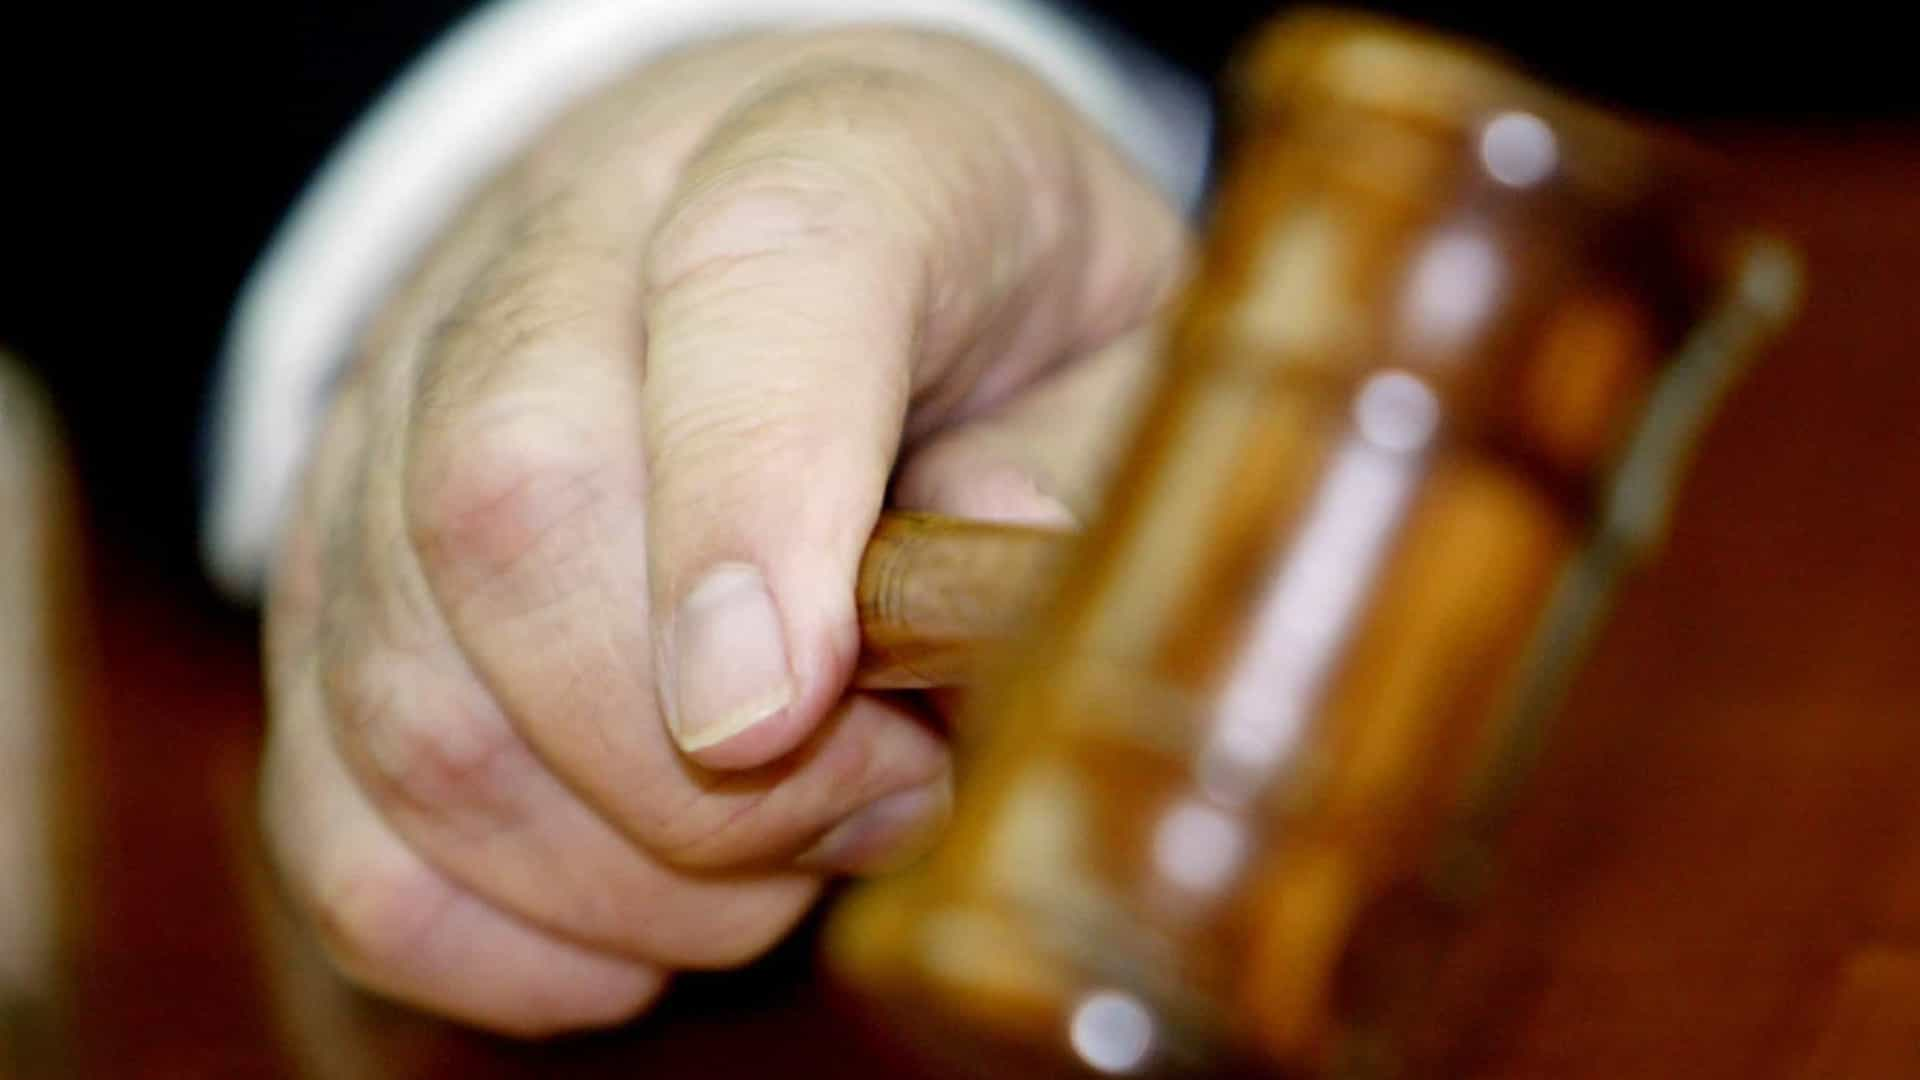 Tribunal decreta prisão preventiva para suspeitos de roubos a idosas